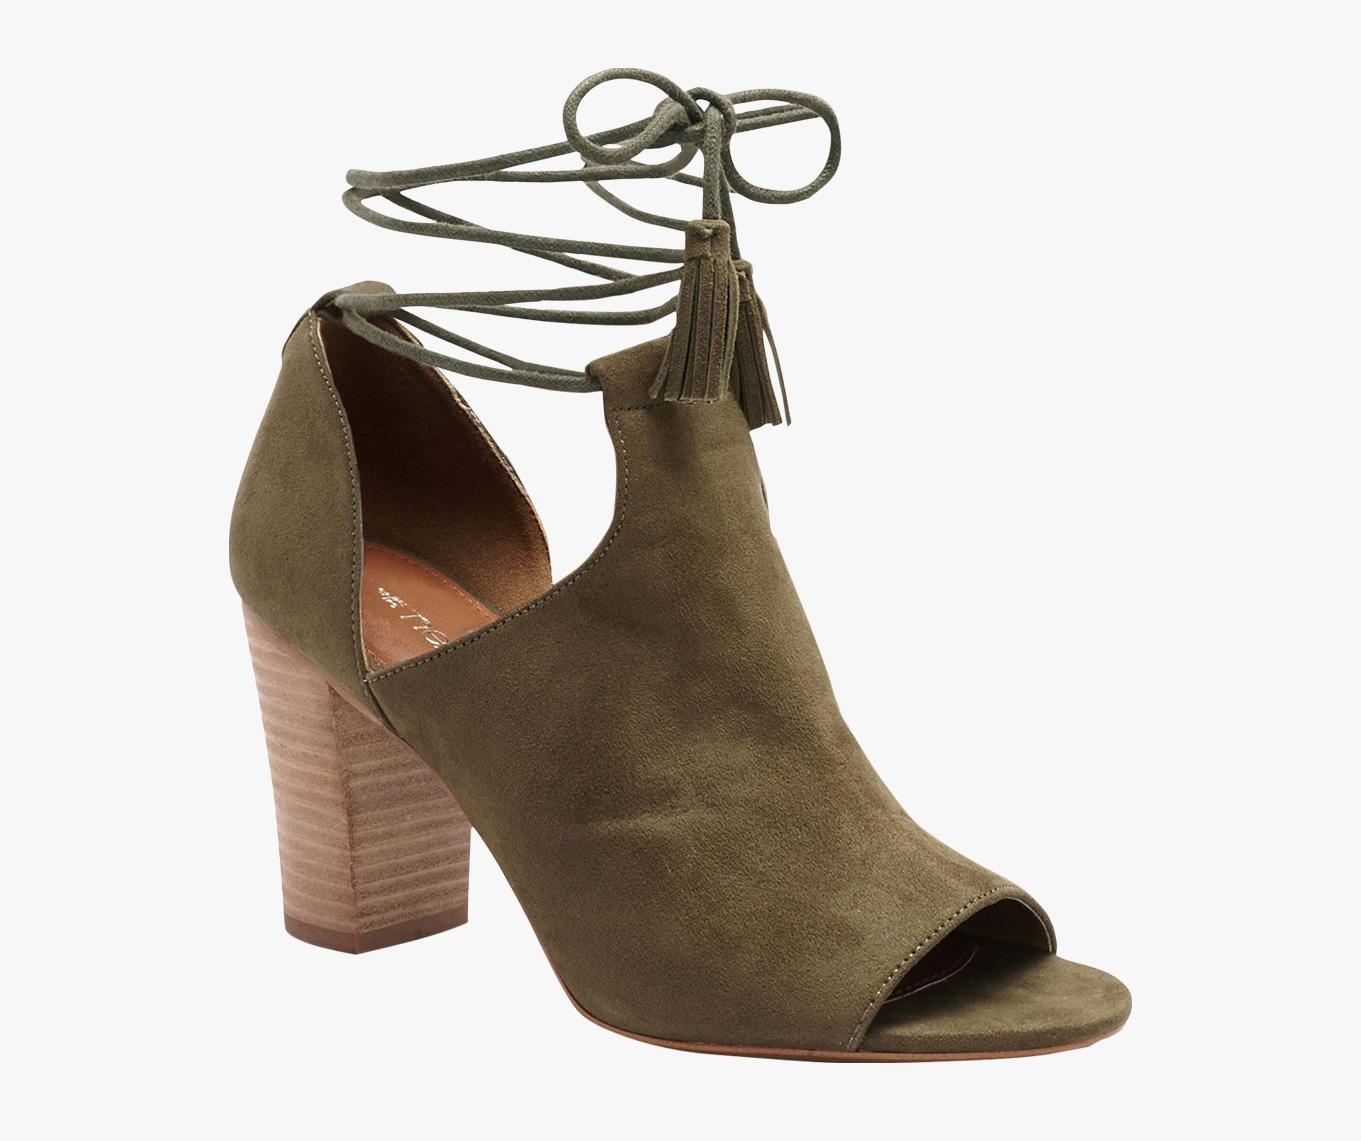 Next-Ankle-Wrap-Shoe-Boots-0214-8150453-1-zoom_l